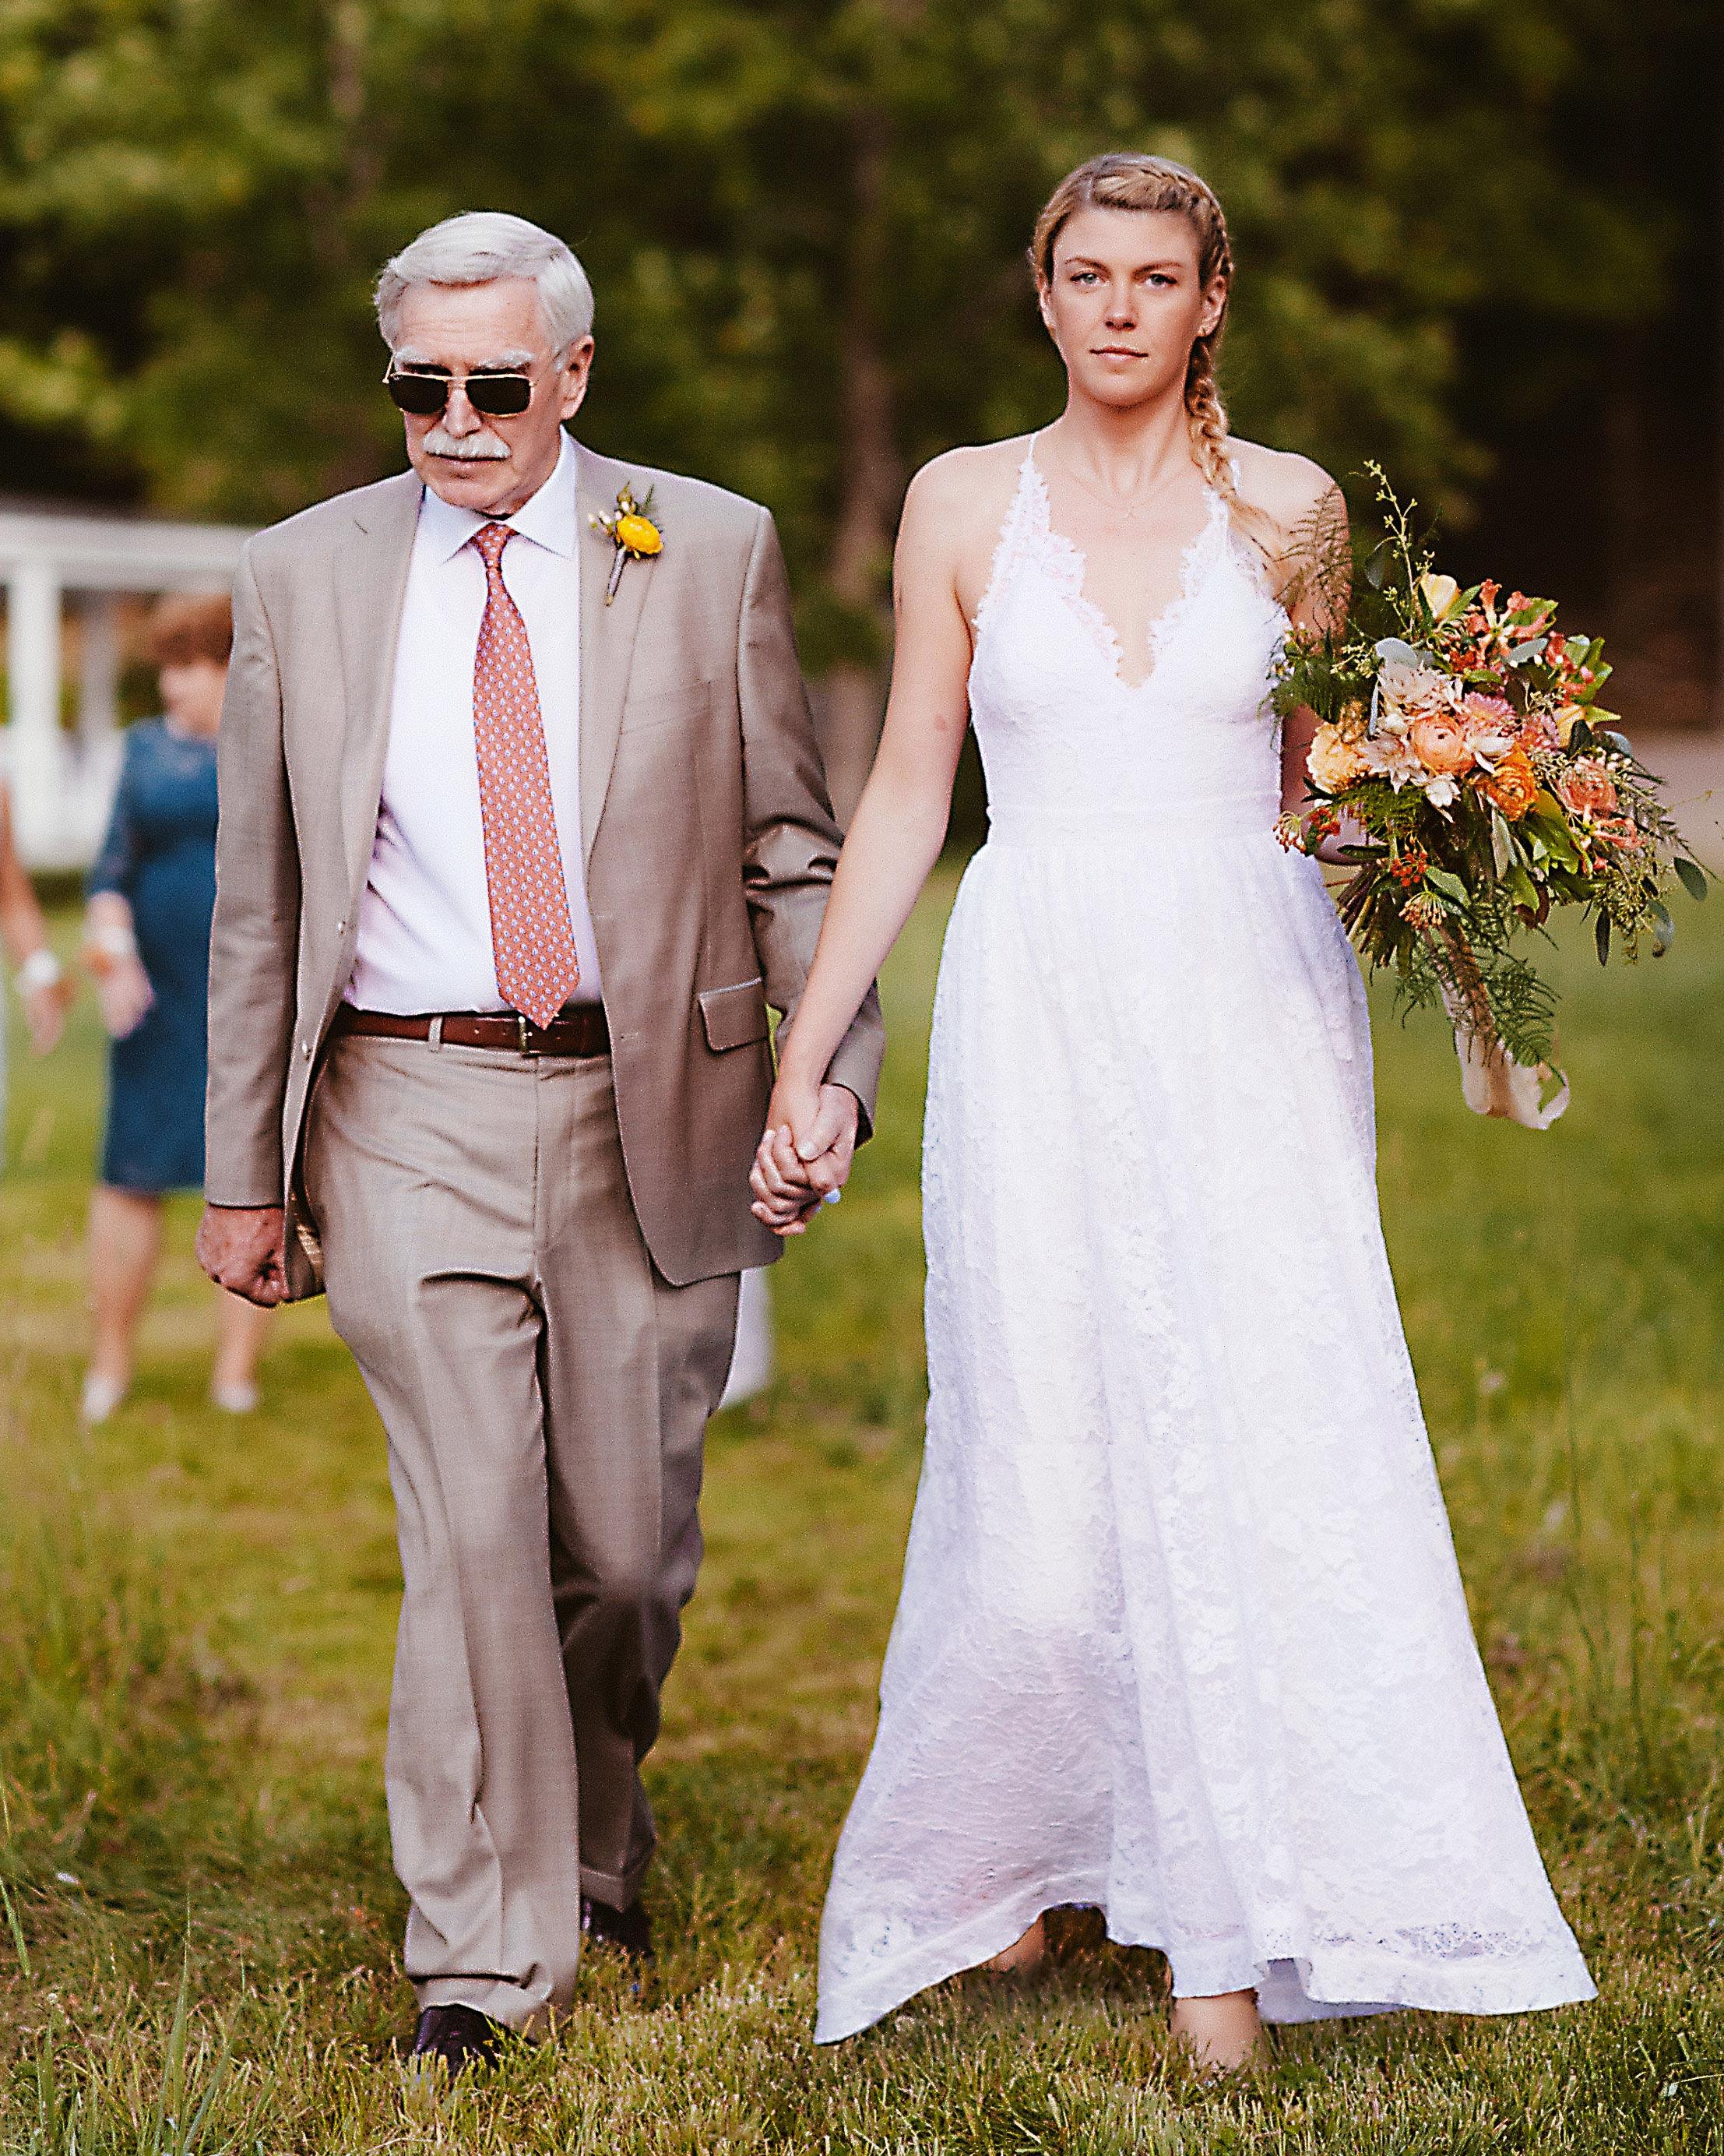 cat-vince-wedding-dad-015-s112646-0216.jpg